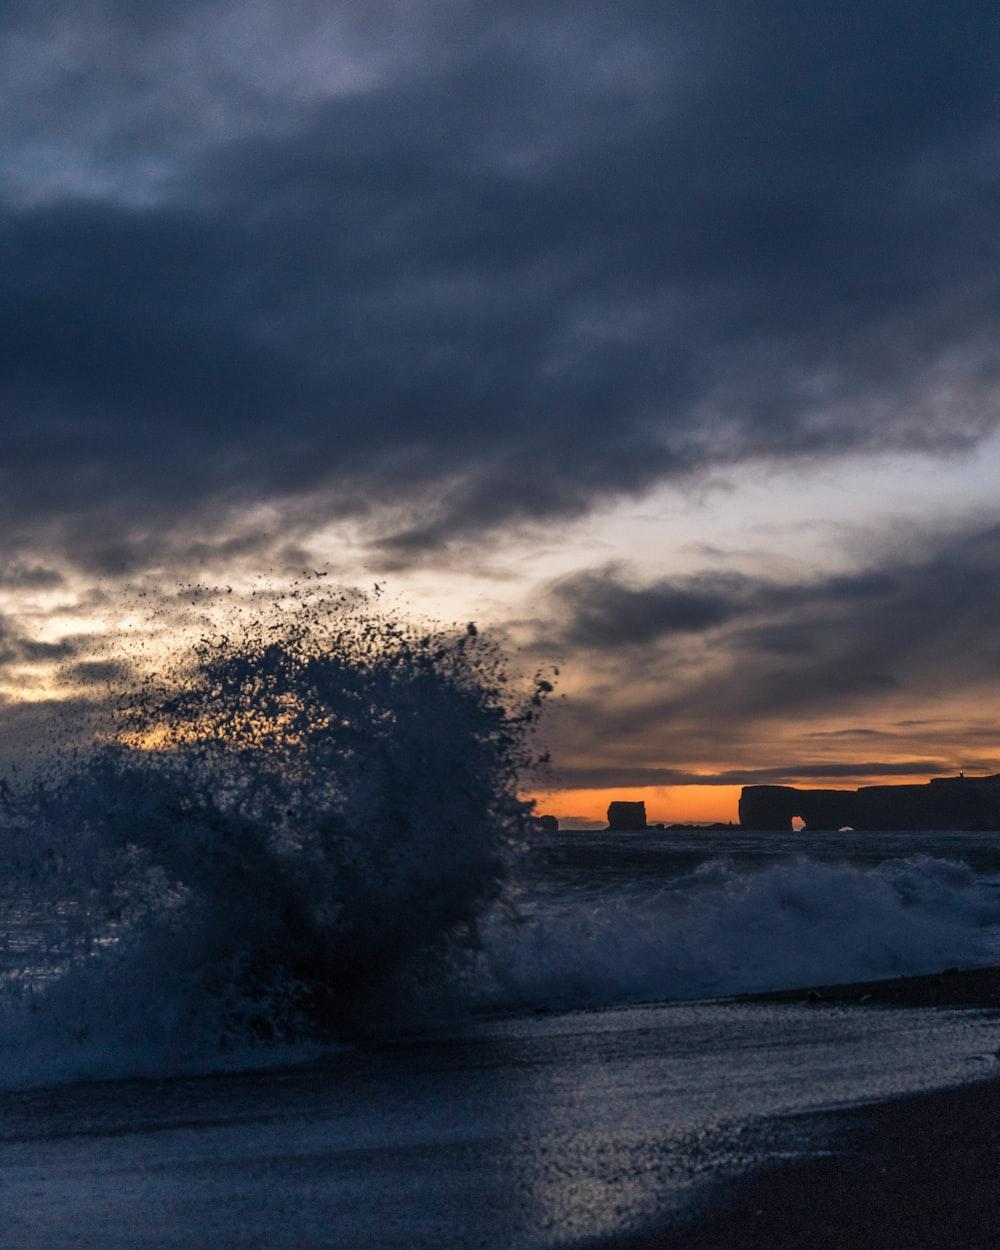 seawaves